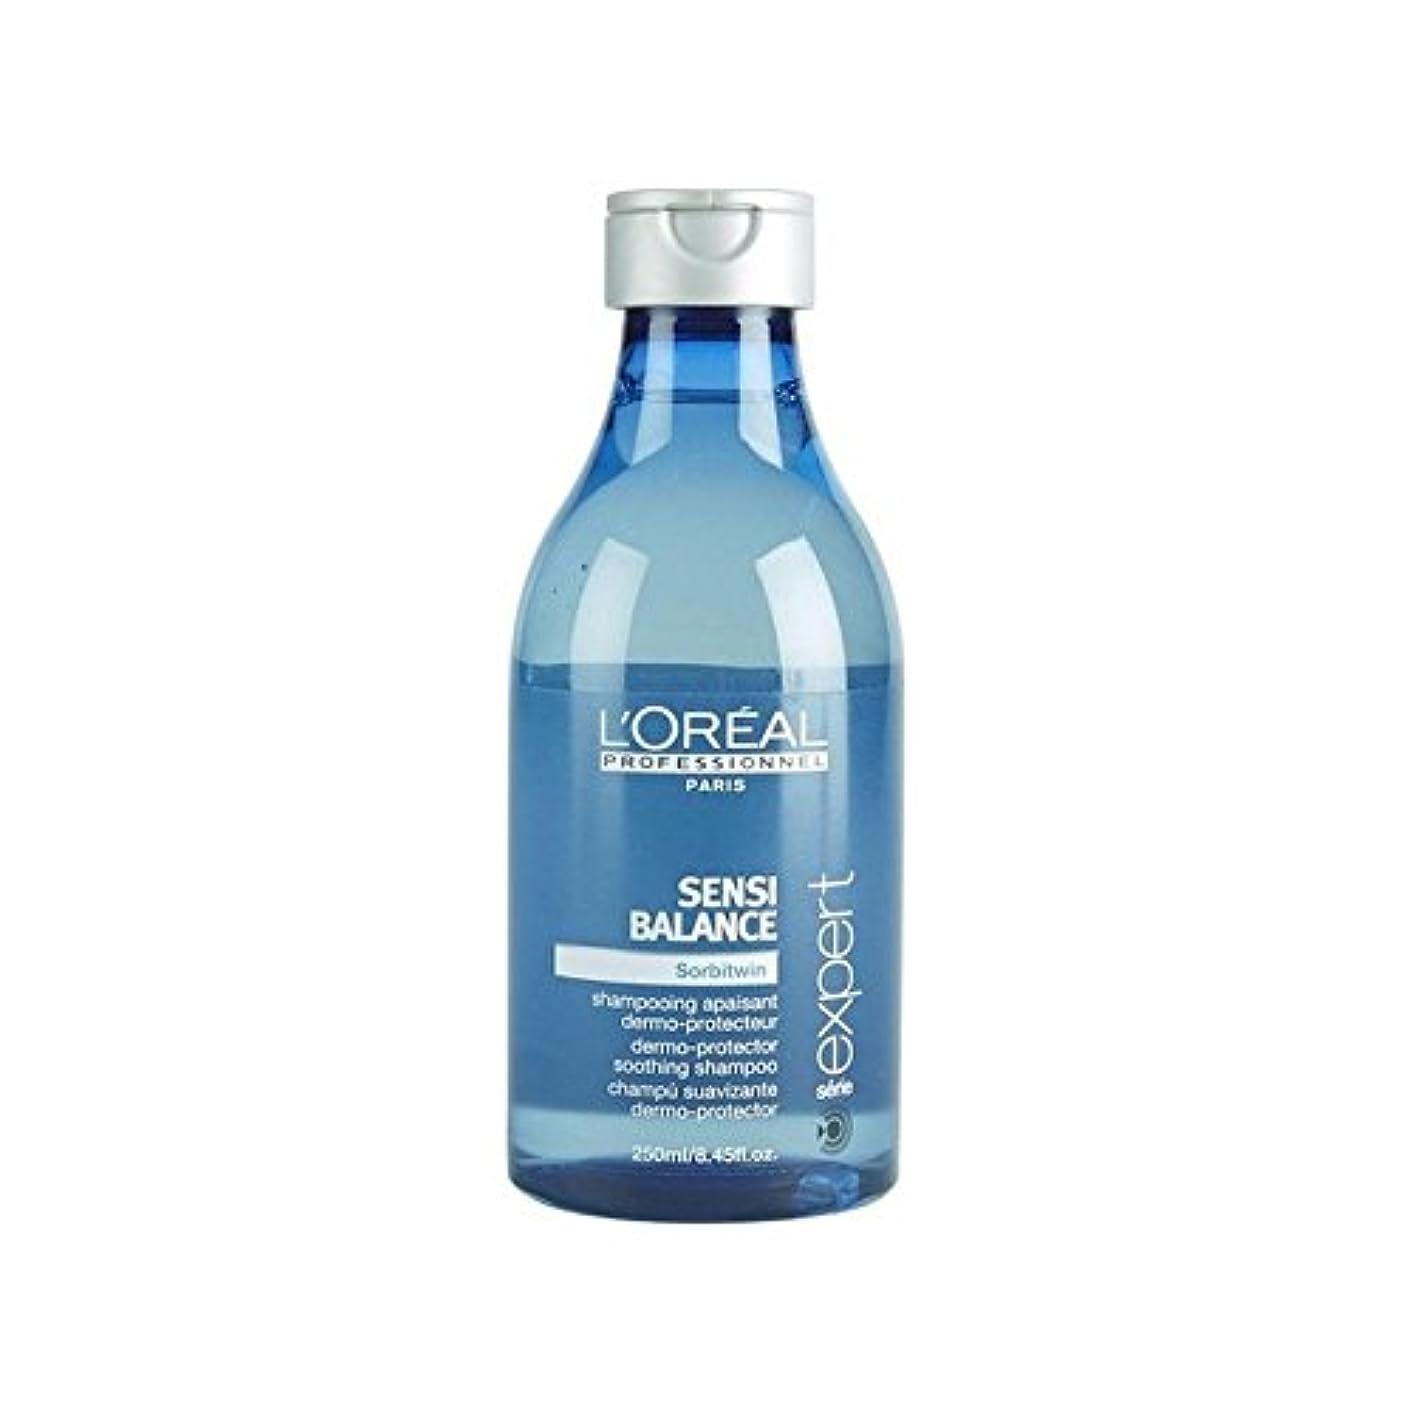 不名誉な強打イデオロギーL'Or?al Professionnel Sensi Balance Shampoo (250ml) - ロレアルプロフェッショナルセンシバランスシャンプー(250ミリリットル) [並行輸入品]